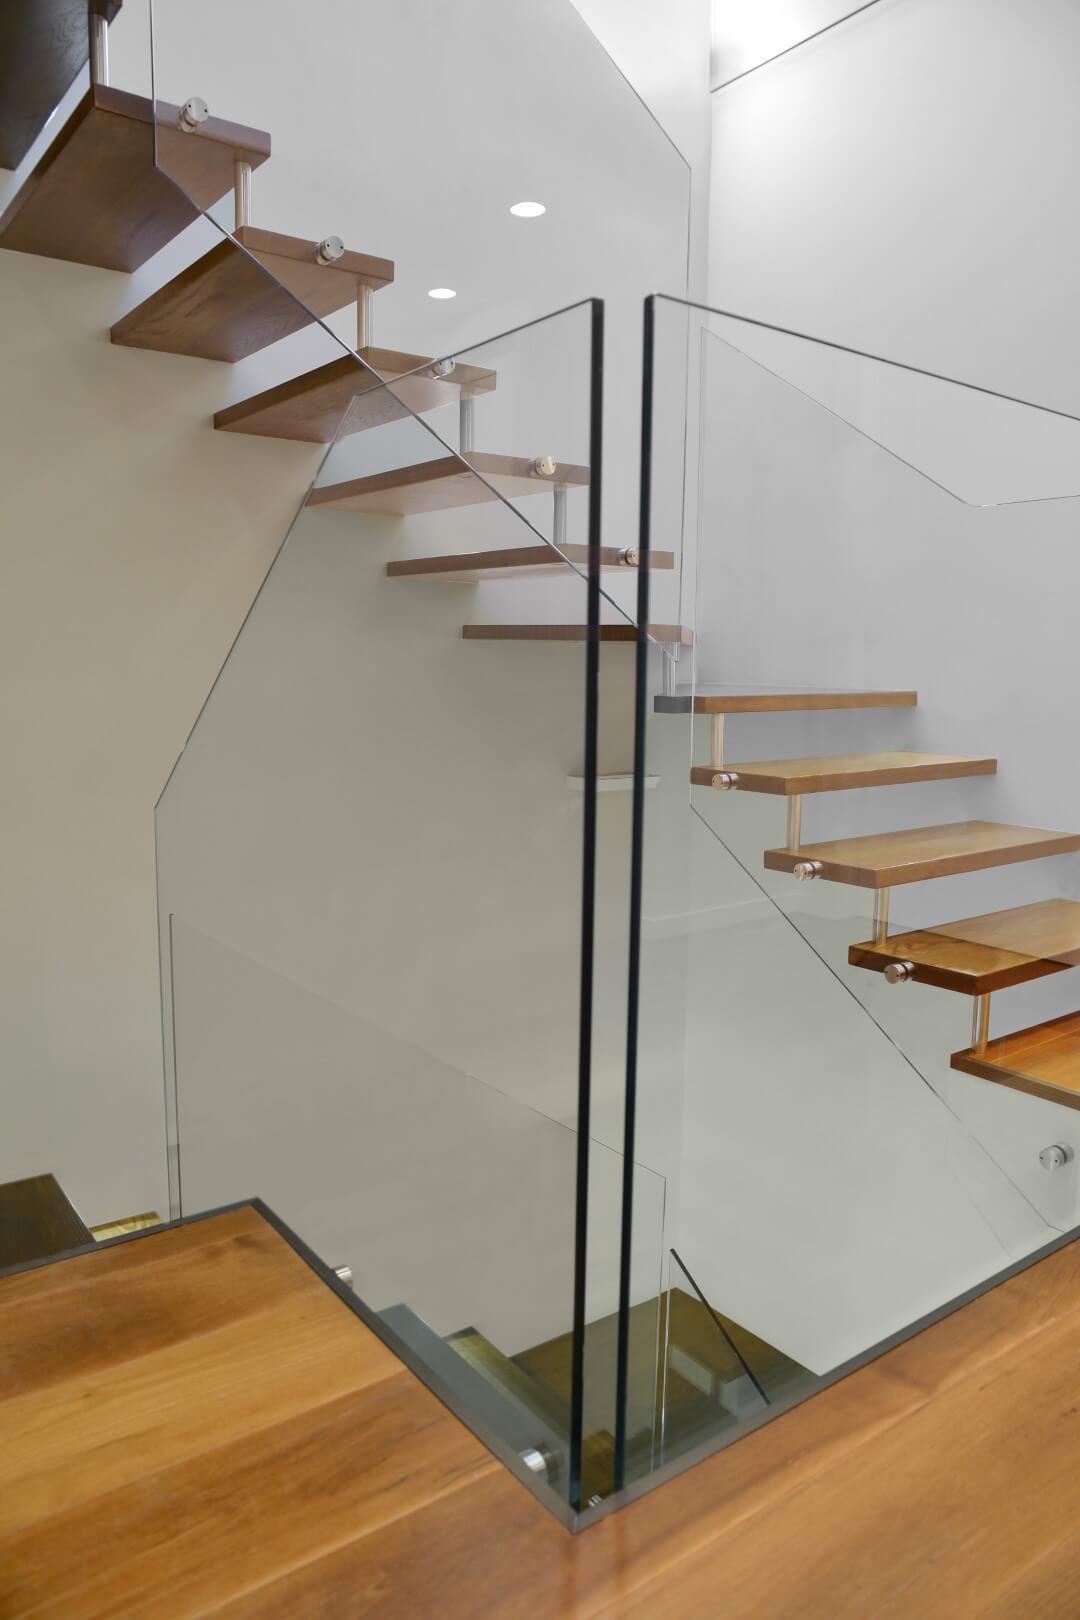 שני גרמי מדרגות עץ תלויות מבעד למעקה הזכוכית